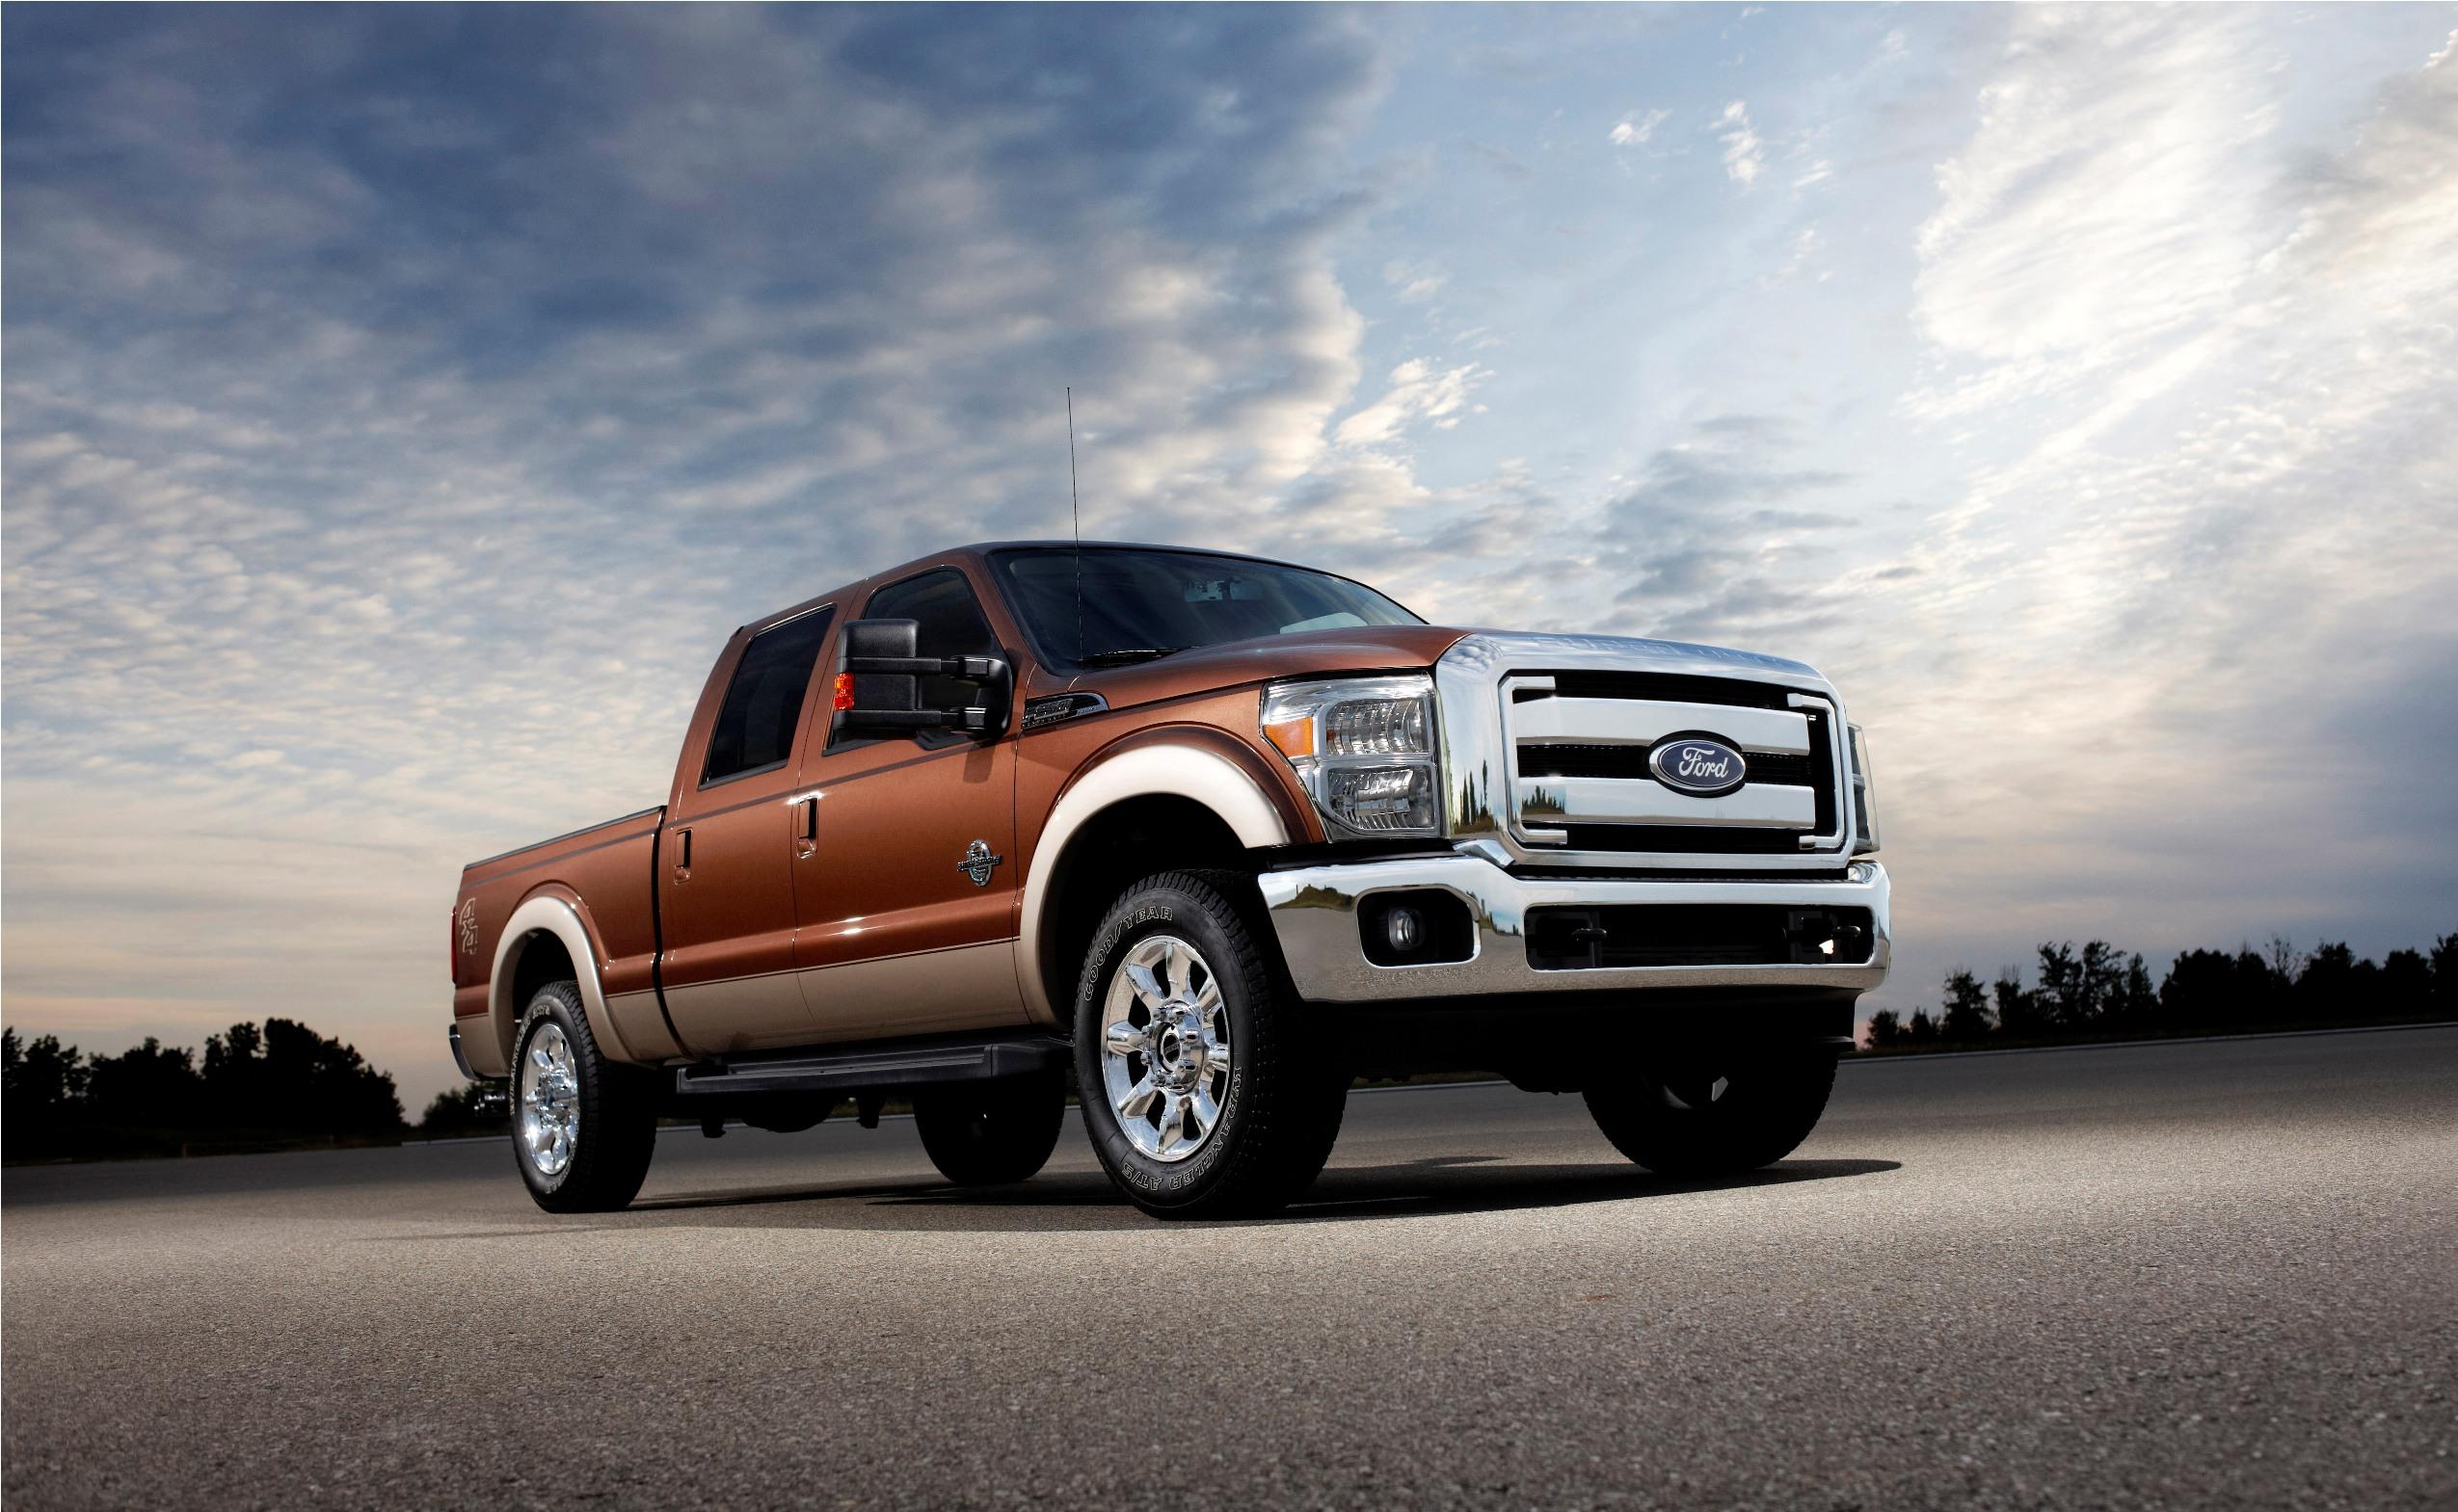 Ford Truck Wallpapers Desktop : Cars Wallpaper - Petsprin